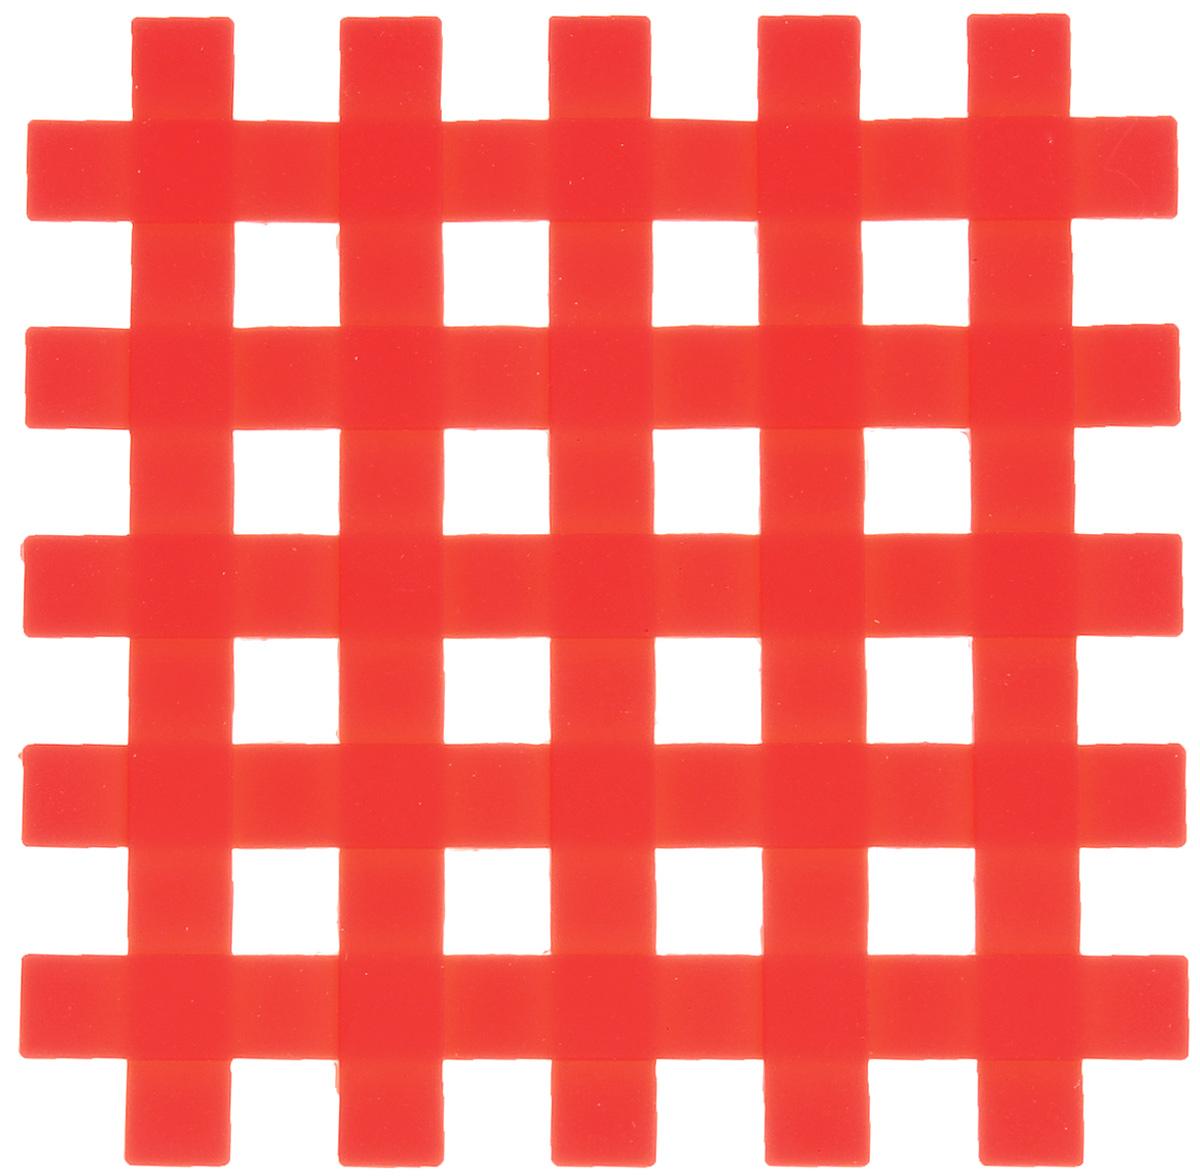 Подставка под горячее Mayer & Boch, силиконовая, цвет: красный, 17 х 17 см20059_красныйПодставка под горячее Mayer & Boch изготовлена из силикона и оформлена в виде сетки. Материал позволяет выдерживать высокие температуры и не скользит по поверхности стола. Каждая хозяйка знает, что подставка под горячее - это незаменимый и очень полезный аксессуар на каждой кухне. Ваш стол будет не только украшен яркой и оригинальной подставкой, но также вы сможете уберечь его от воздействия высоких температур.